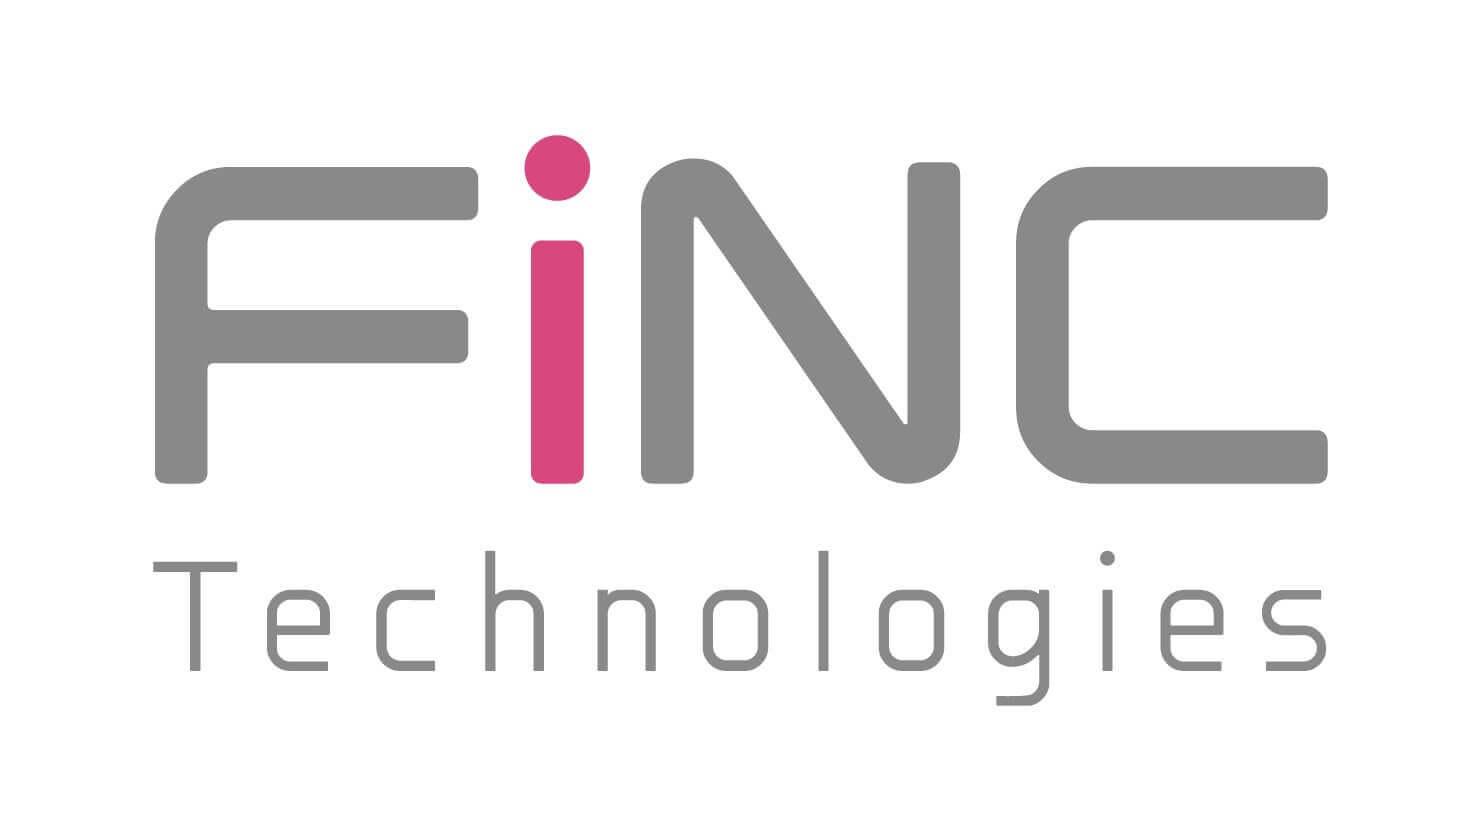 株式会社FiNC Technologiesの決算/純益/活動内容を調べ、世間の評判を徹底調査